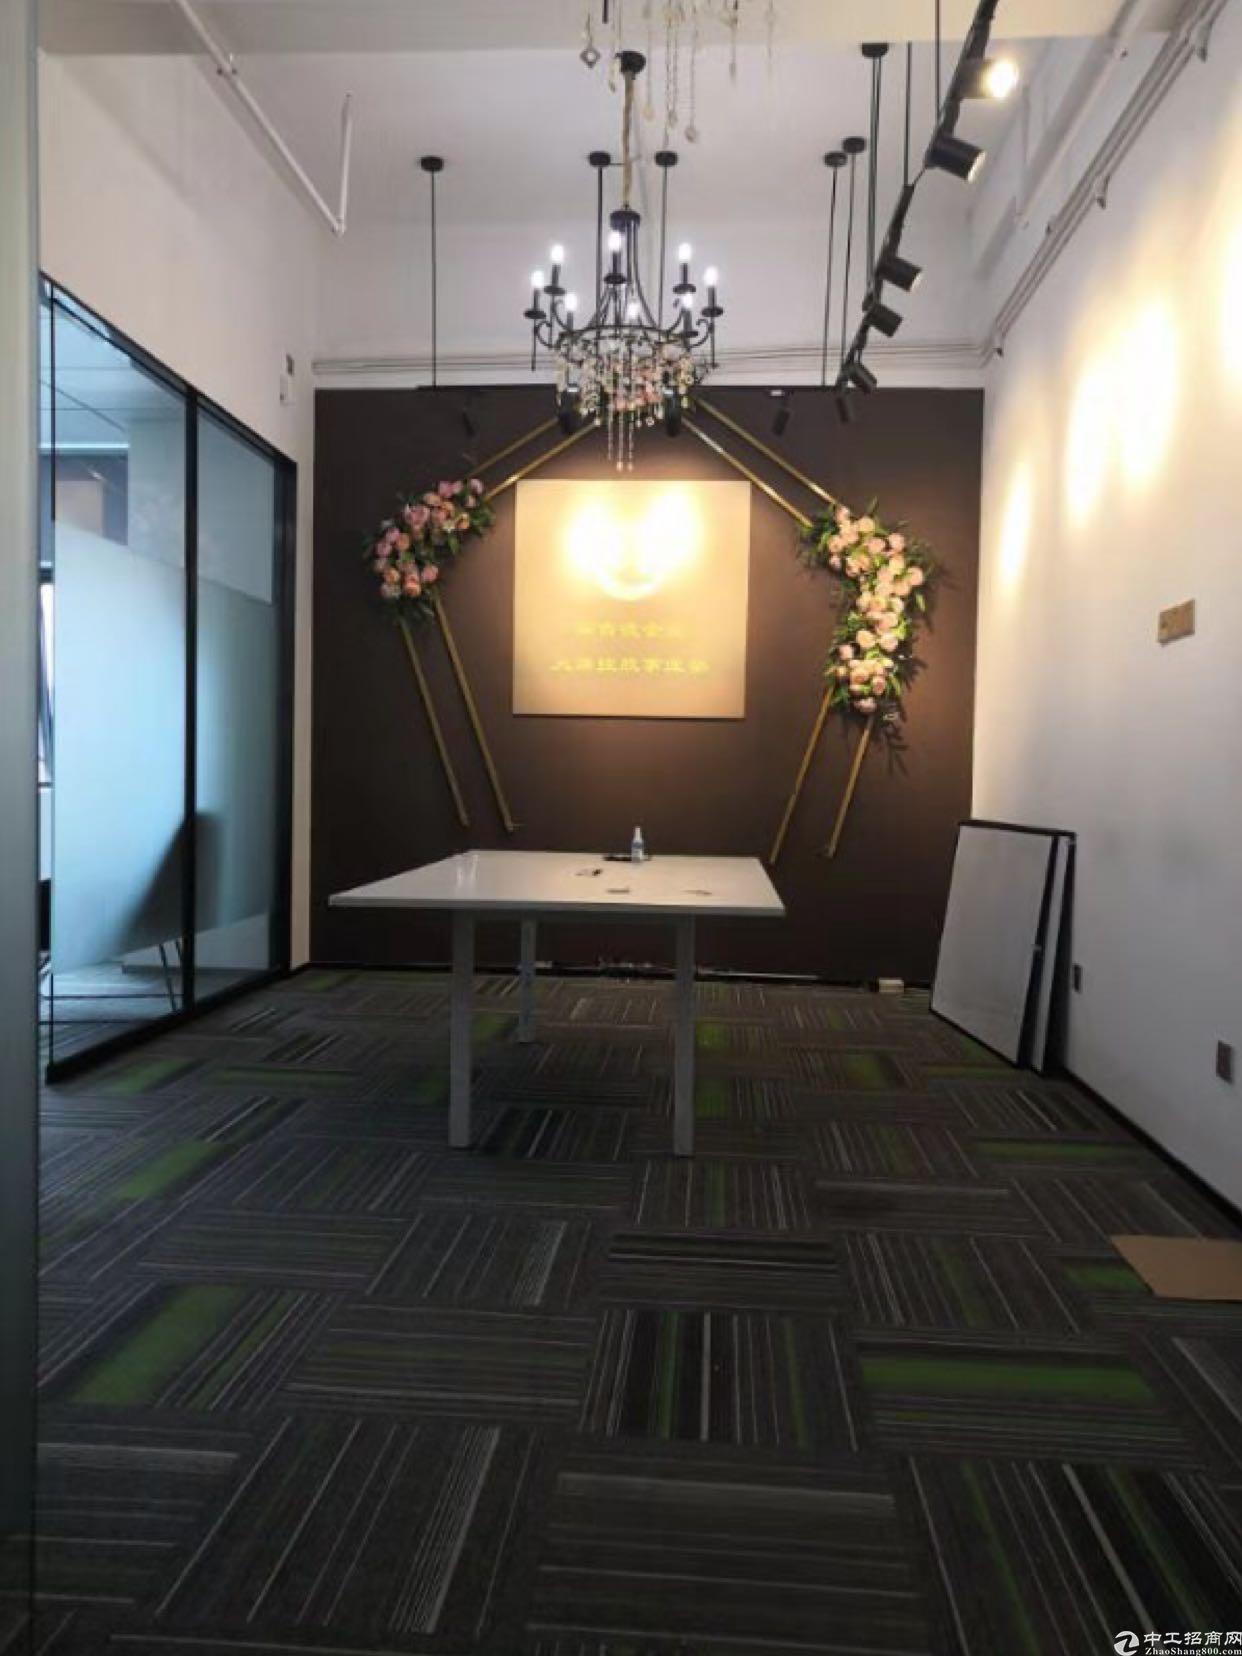 深圳北民治地铁站民治核心商圈精装办公室出租,面积88平带二个